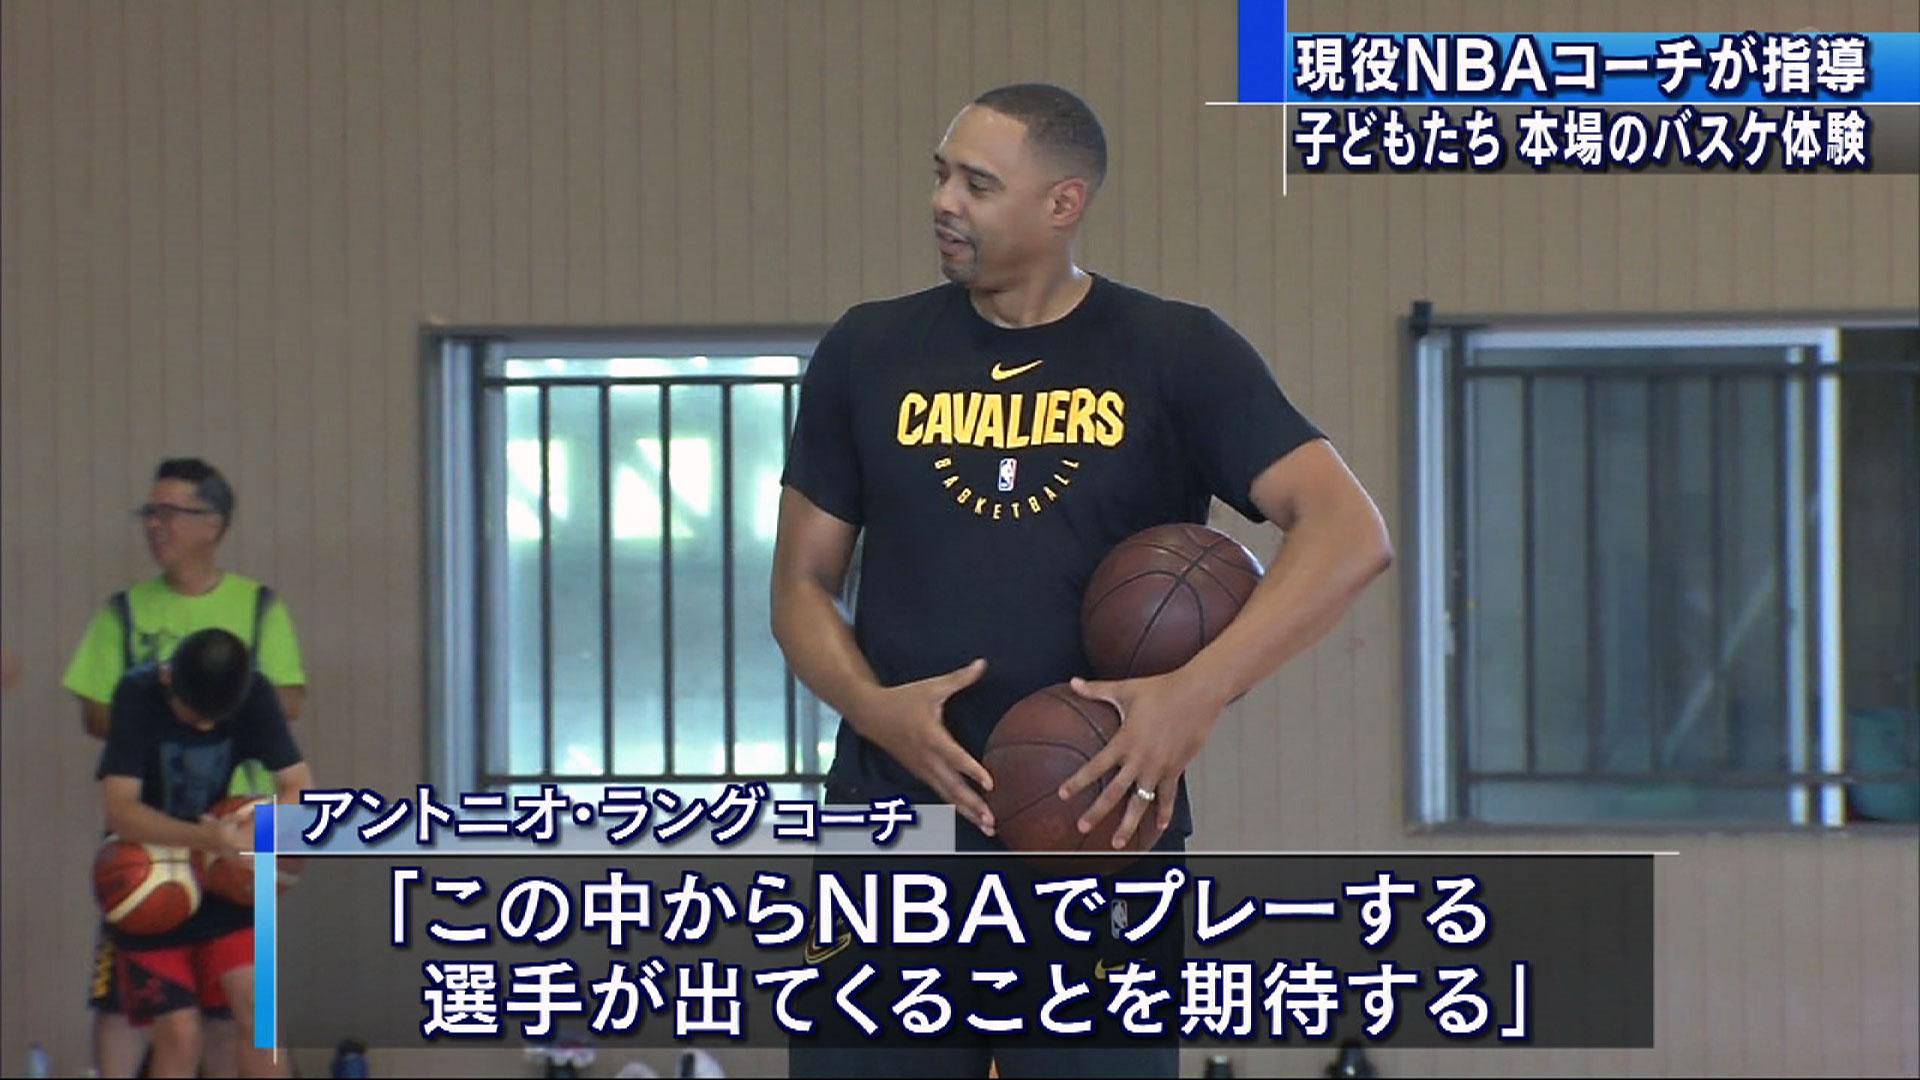 NBAコーチによるバスケットクリニック